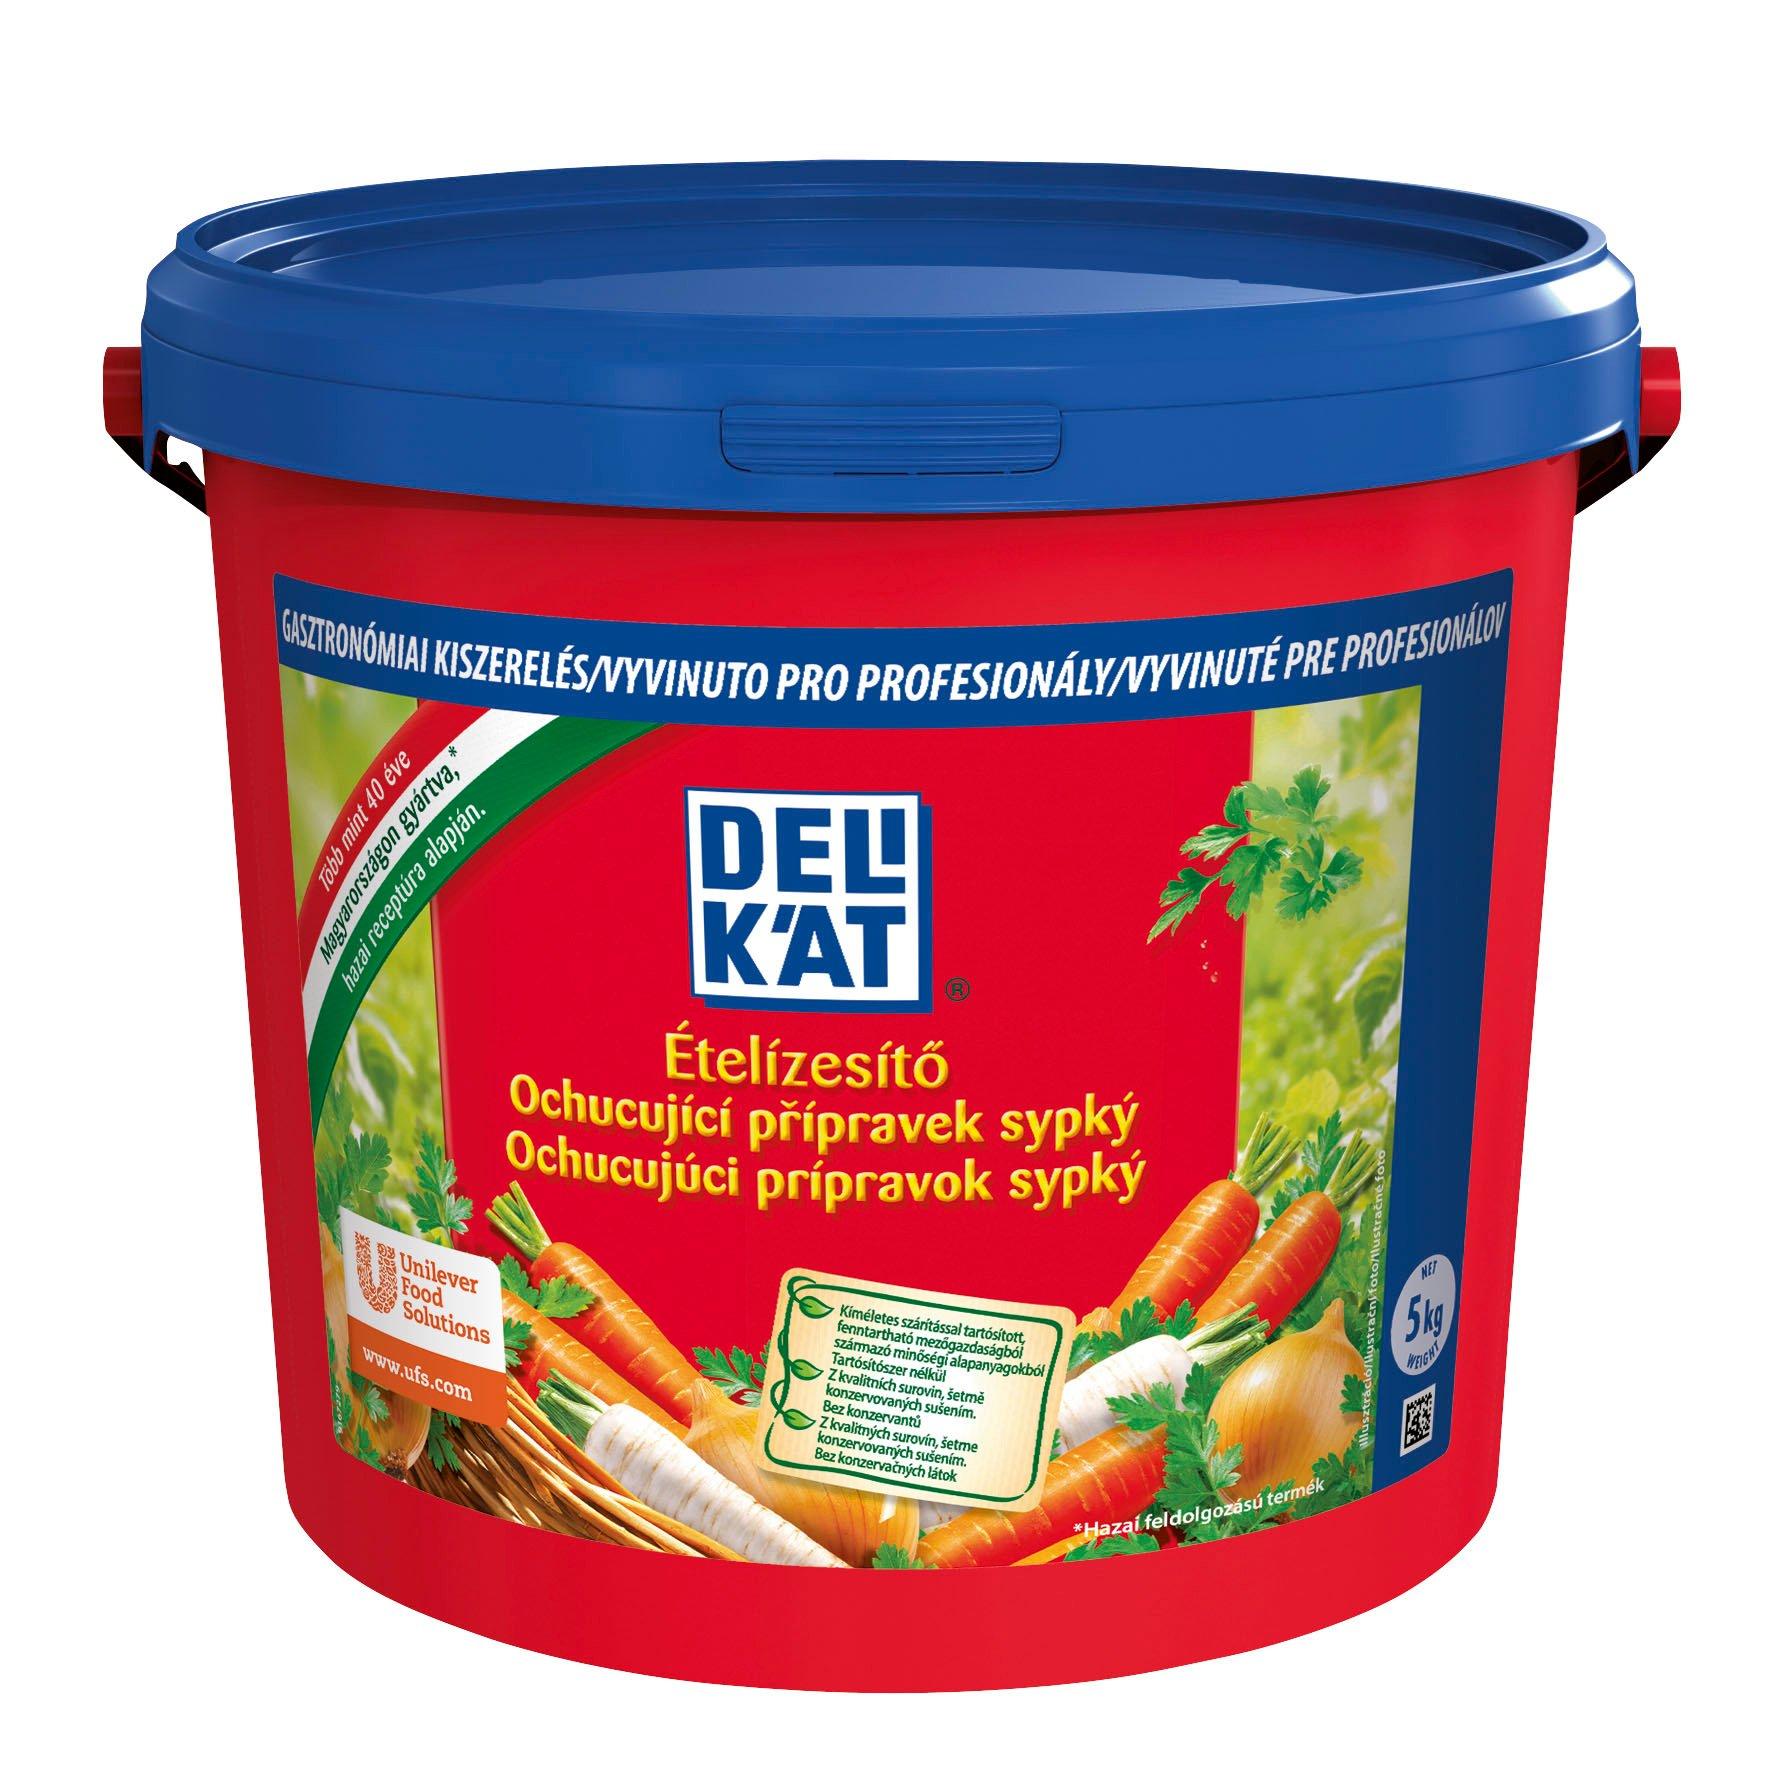 Delikát Ételízesítő 5 kg